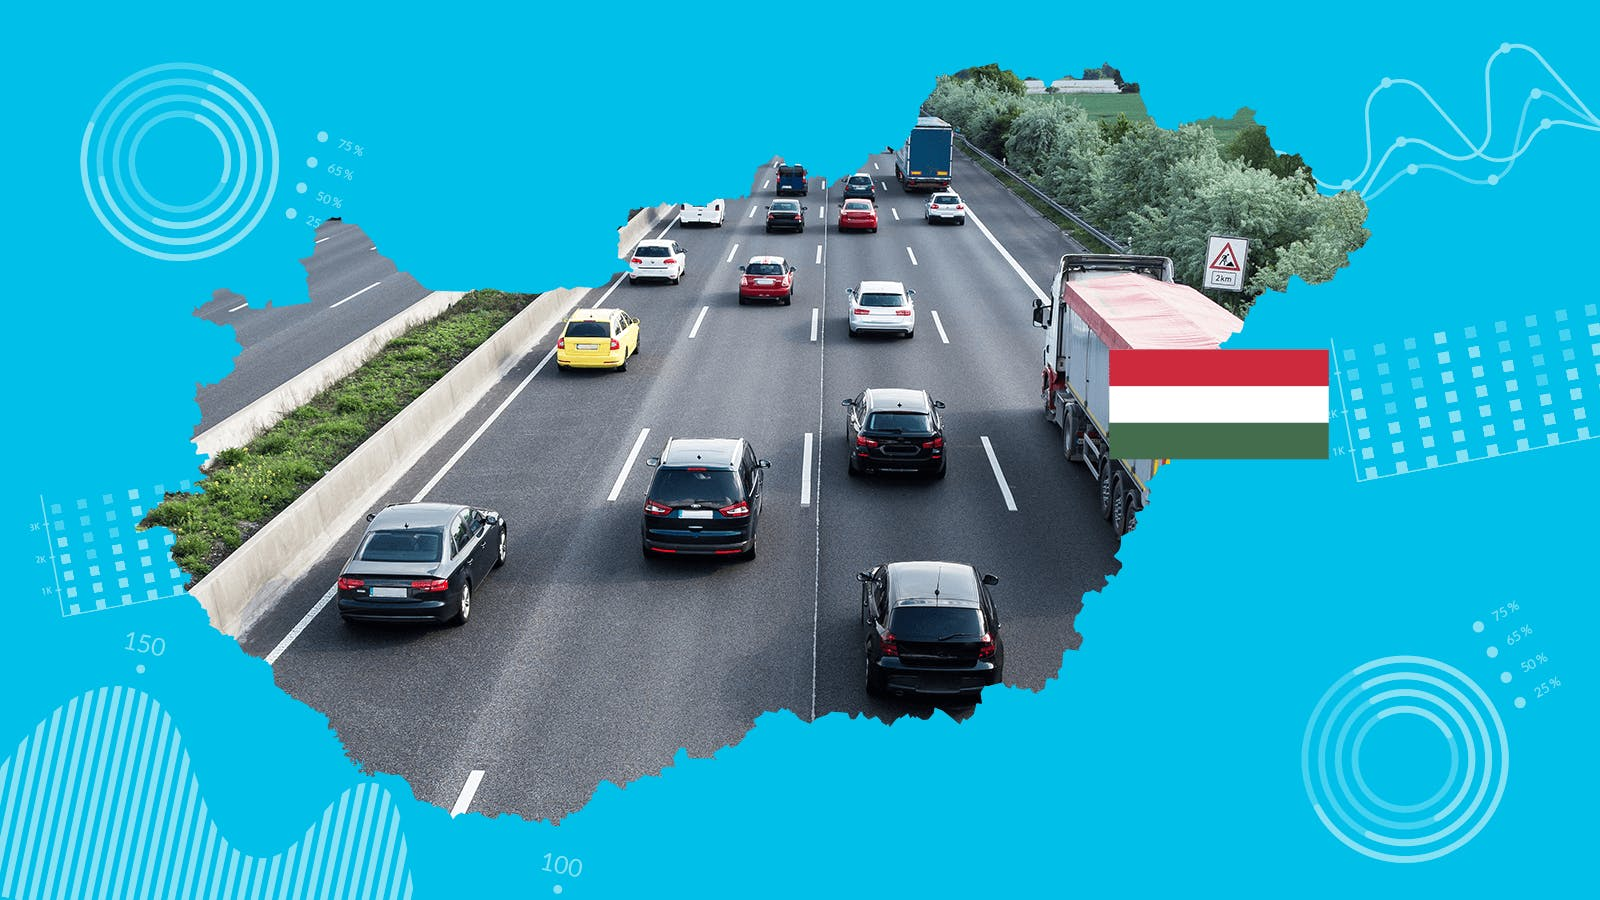 Használt autók Magyarországon: 4-ből 1 autó sérült, 50 ezer kilométert csalnak a kilométerórák